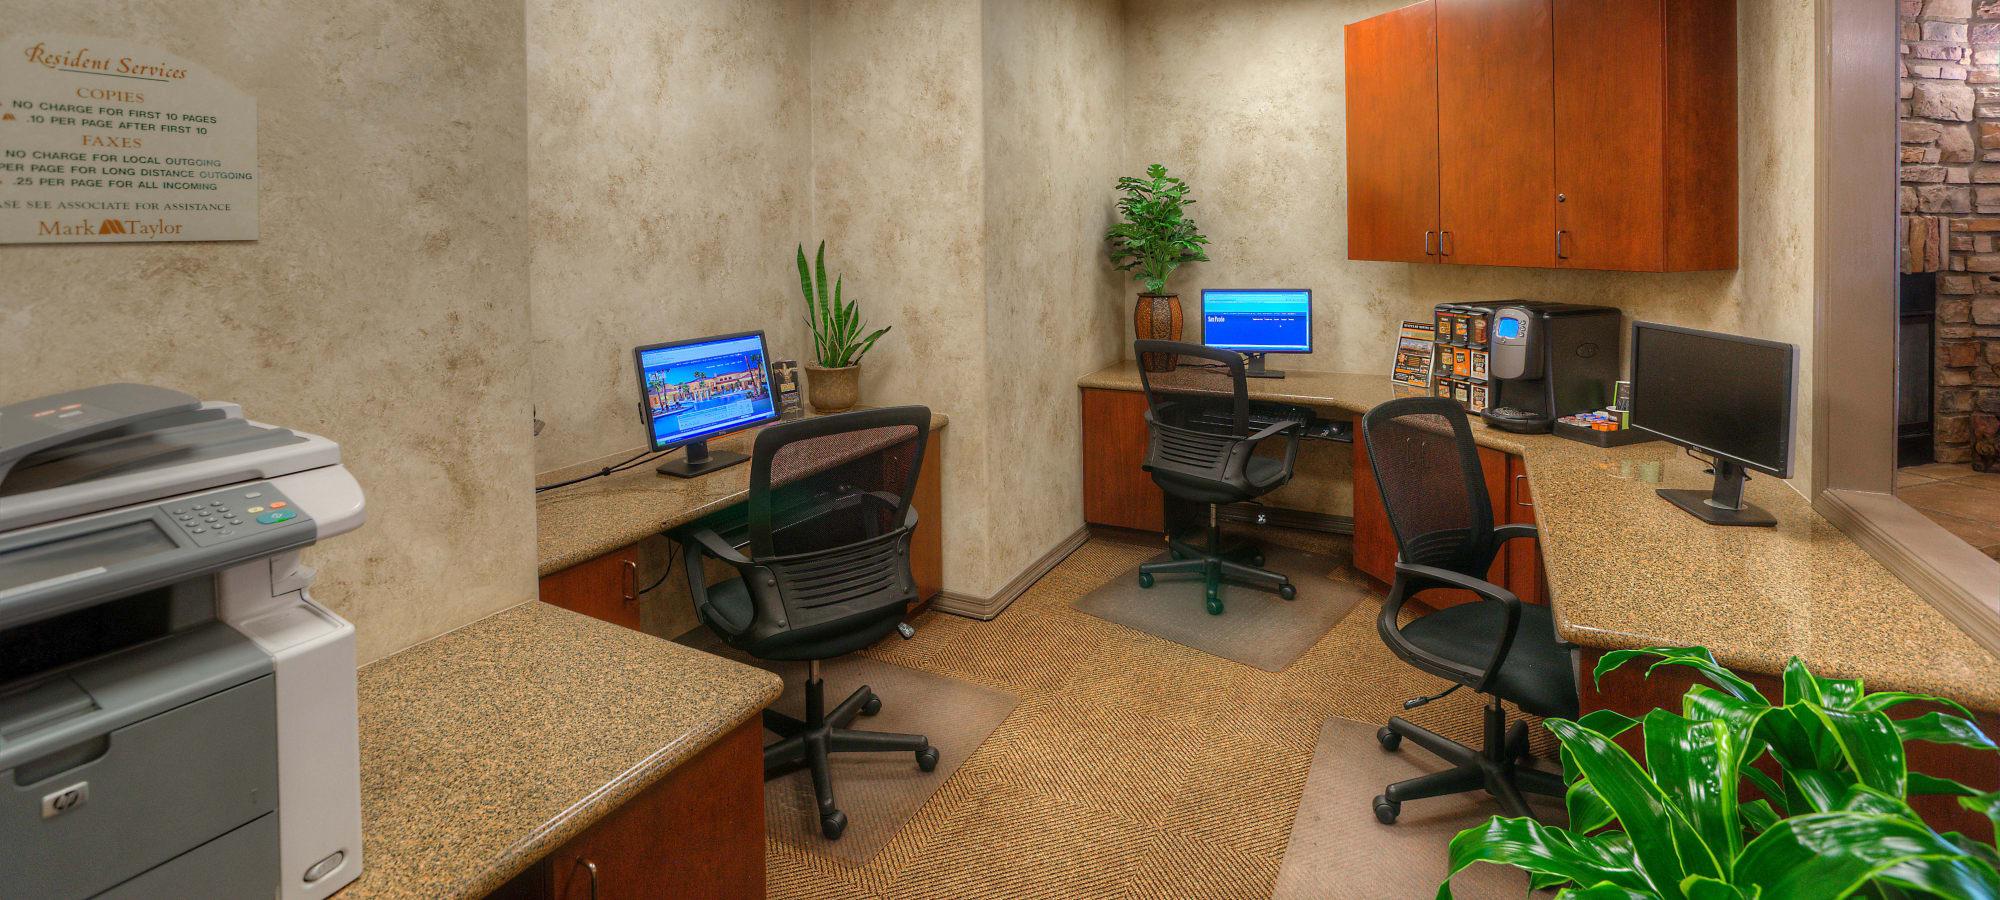 Business center at San Prado in Glendale, Arizona